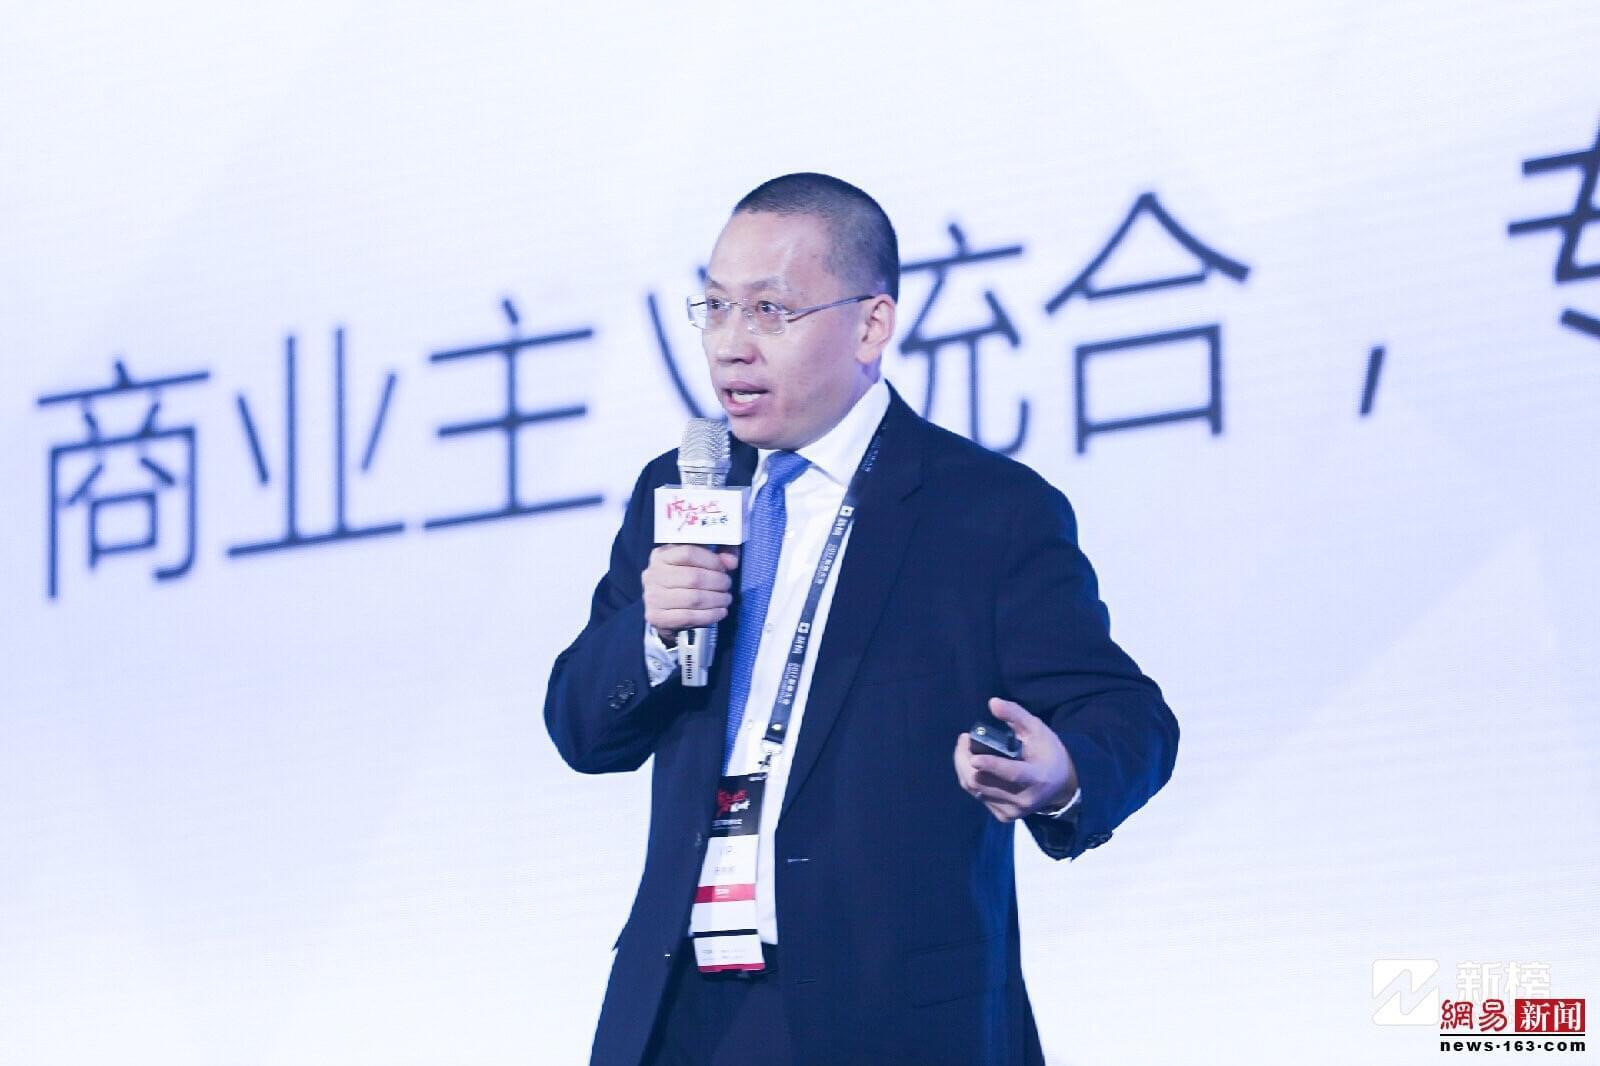 杨彬彬在演讲